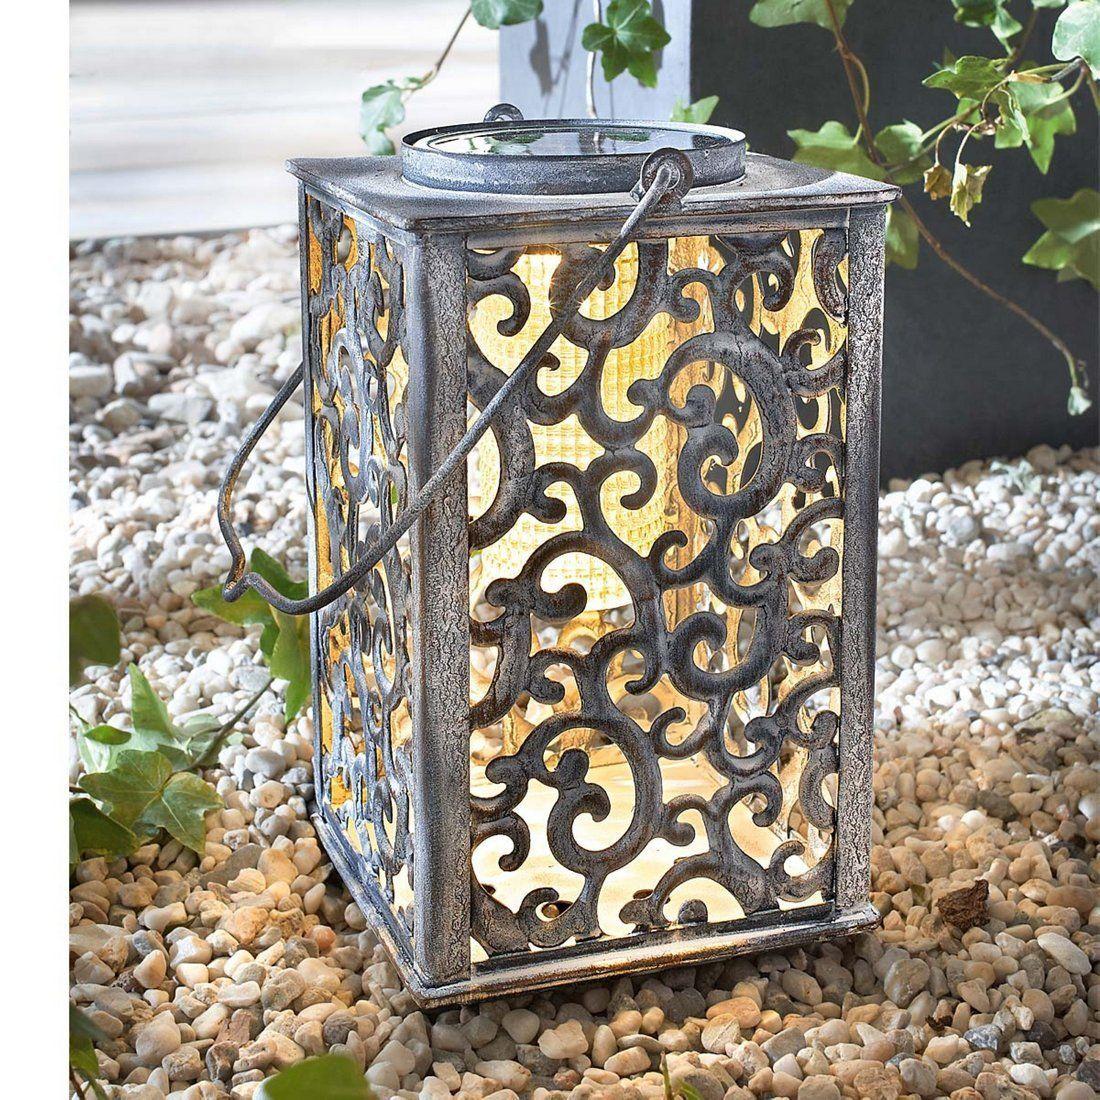 Attractive Solarleuchte Laterne LED Shabby Chic Zum Hängen Dämmerungsautomatik  Leuchtdauer Bis Zu 8 Stunden Höhe Ca. Good Looking